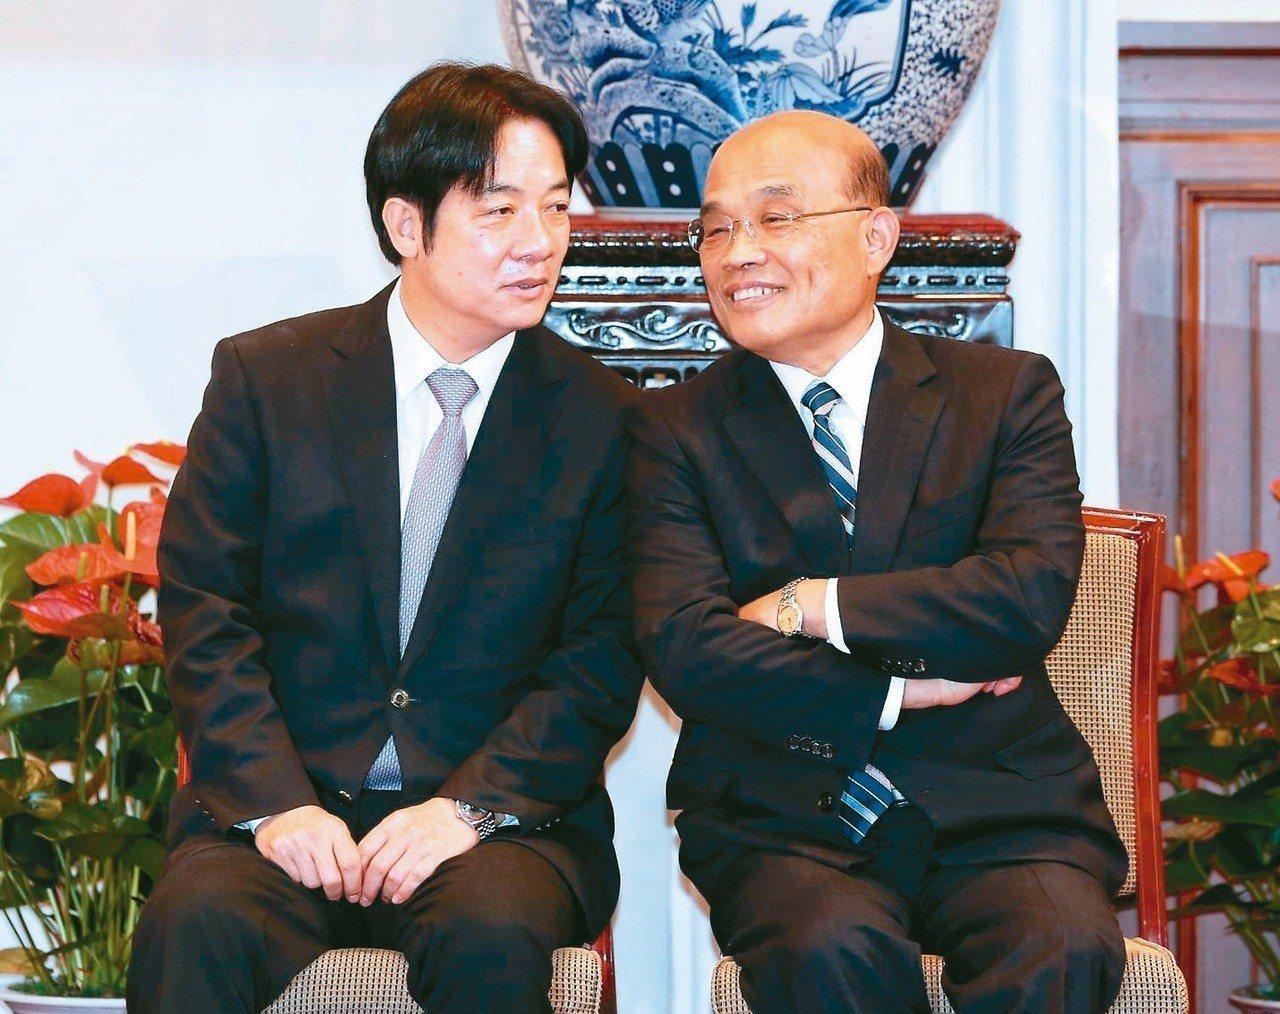 總統府11日舉行記者會,辭去行政院長的賴清德(左)與將接任閣揆的蘇貞昌(右)都到...